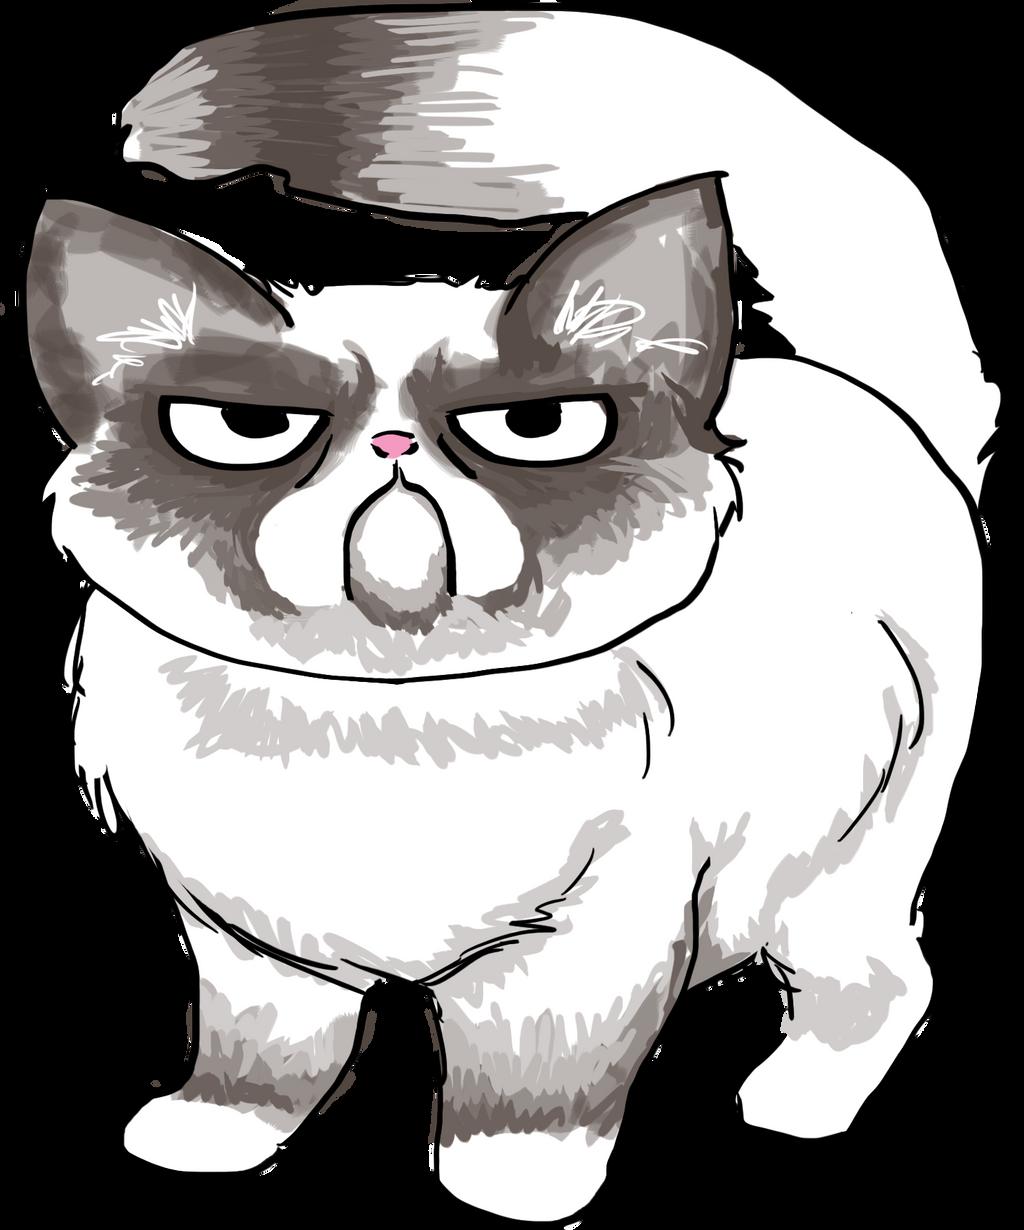 Grumpy Cat by Athey